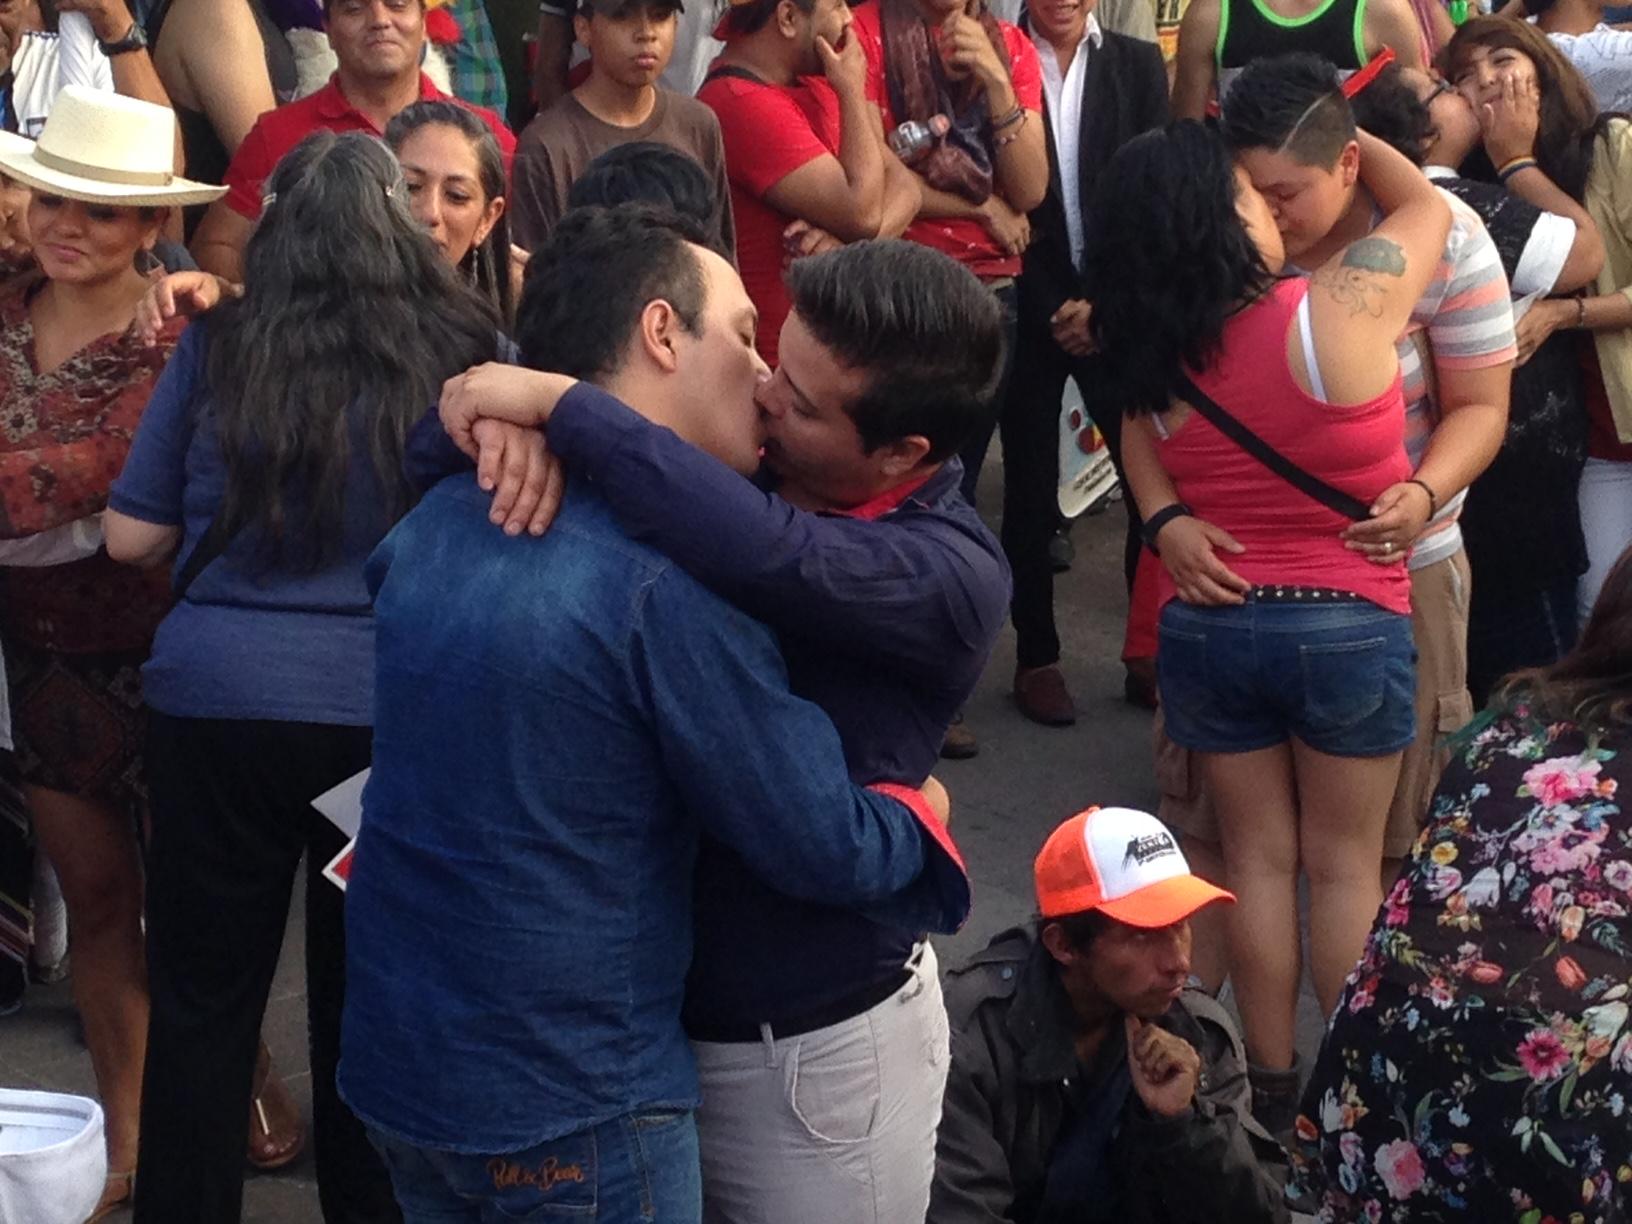 Pese a que diputados se niegan a legislar, en 8 municipios de Querétaro permiten matrimonio igualitario sin amparo